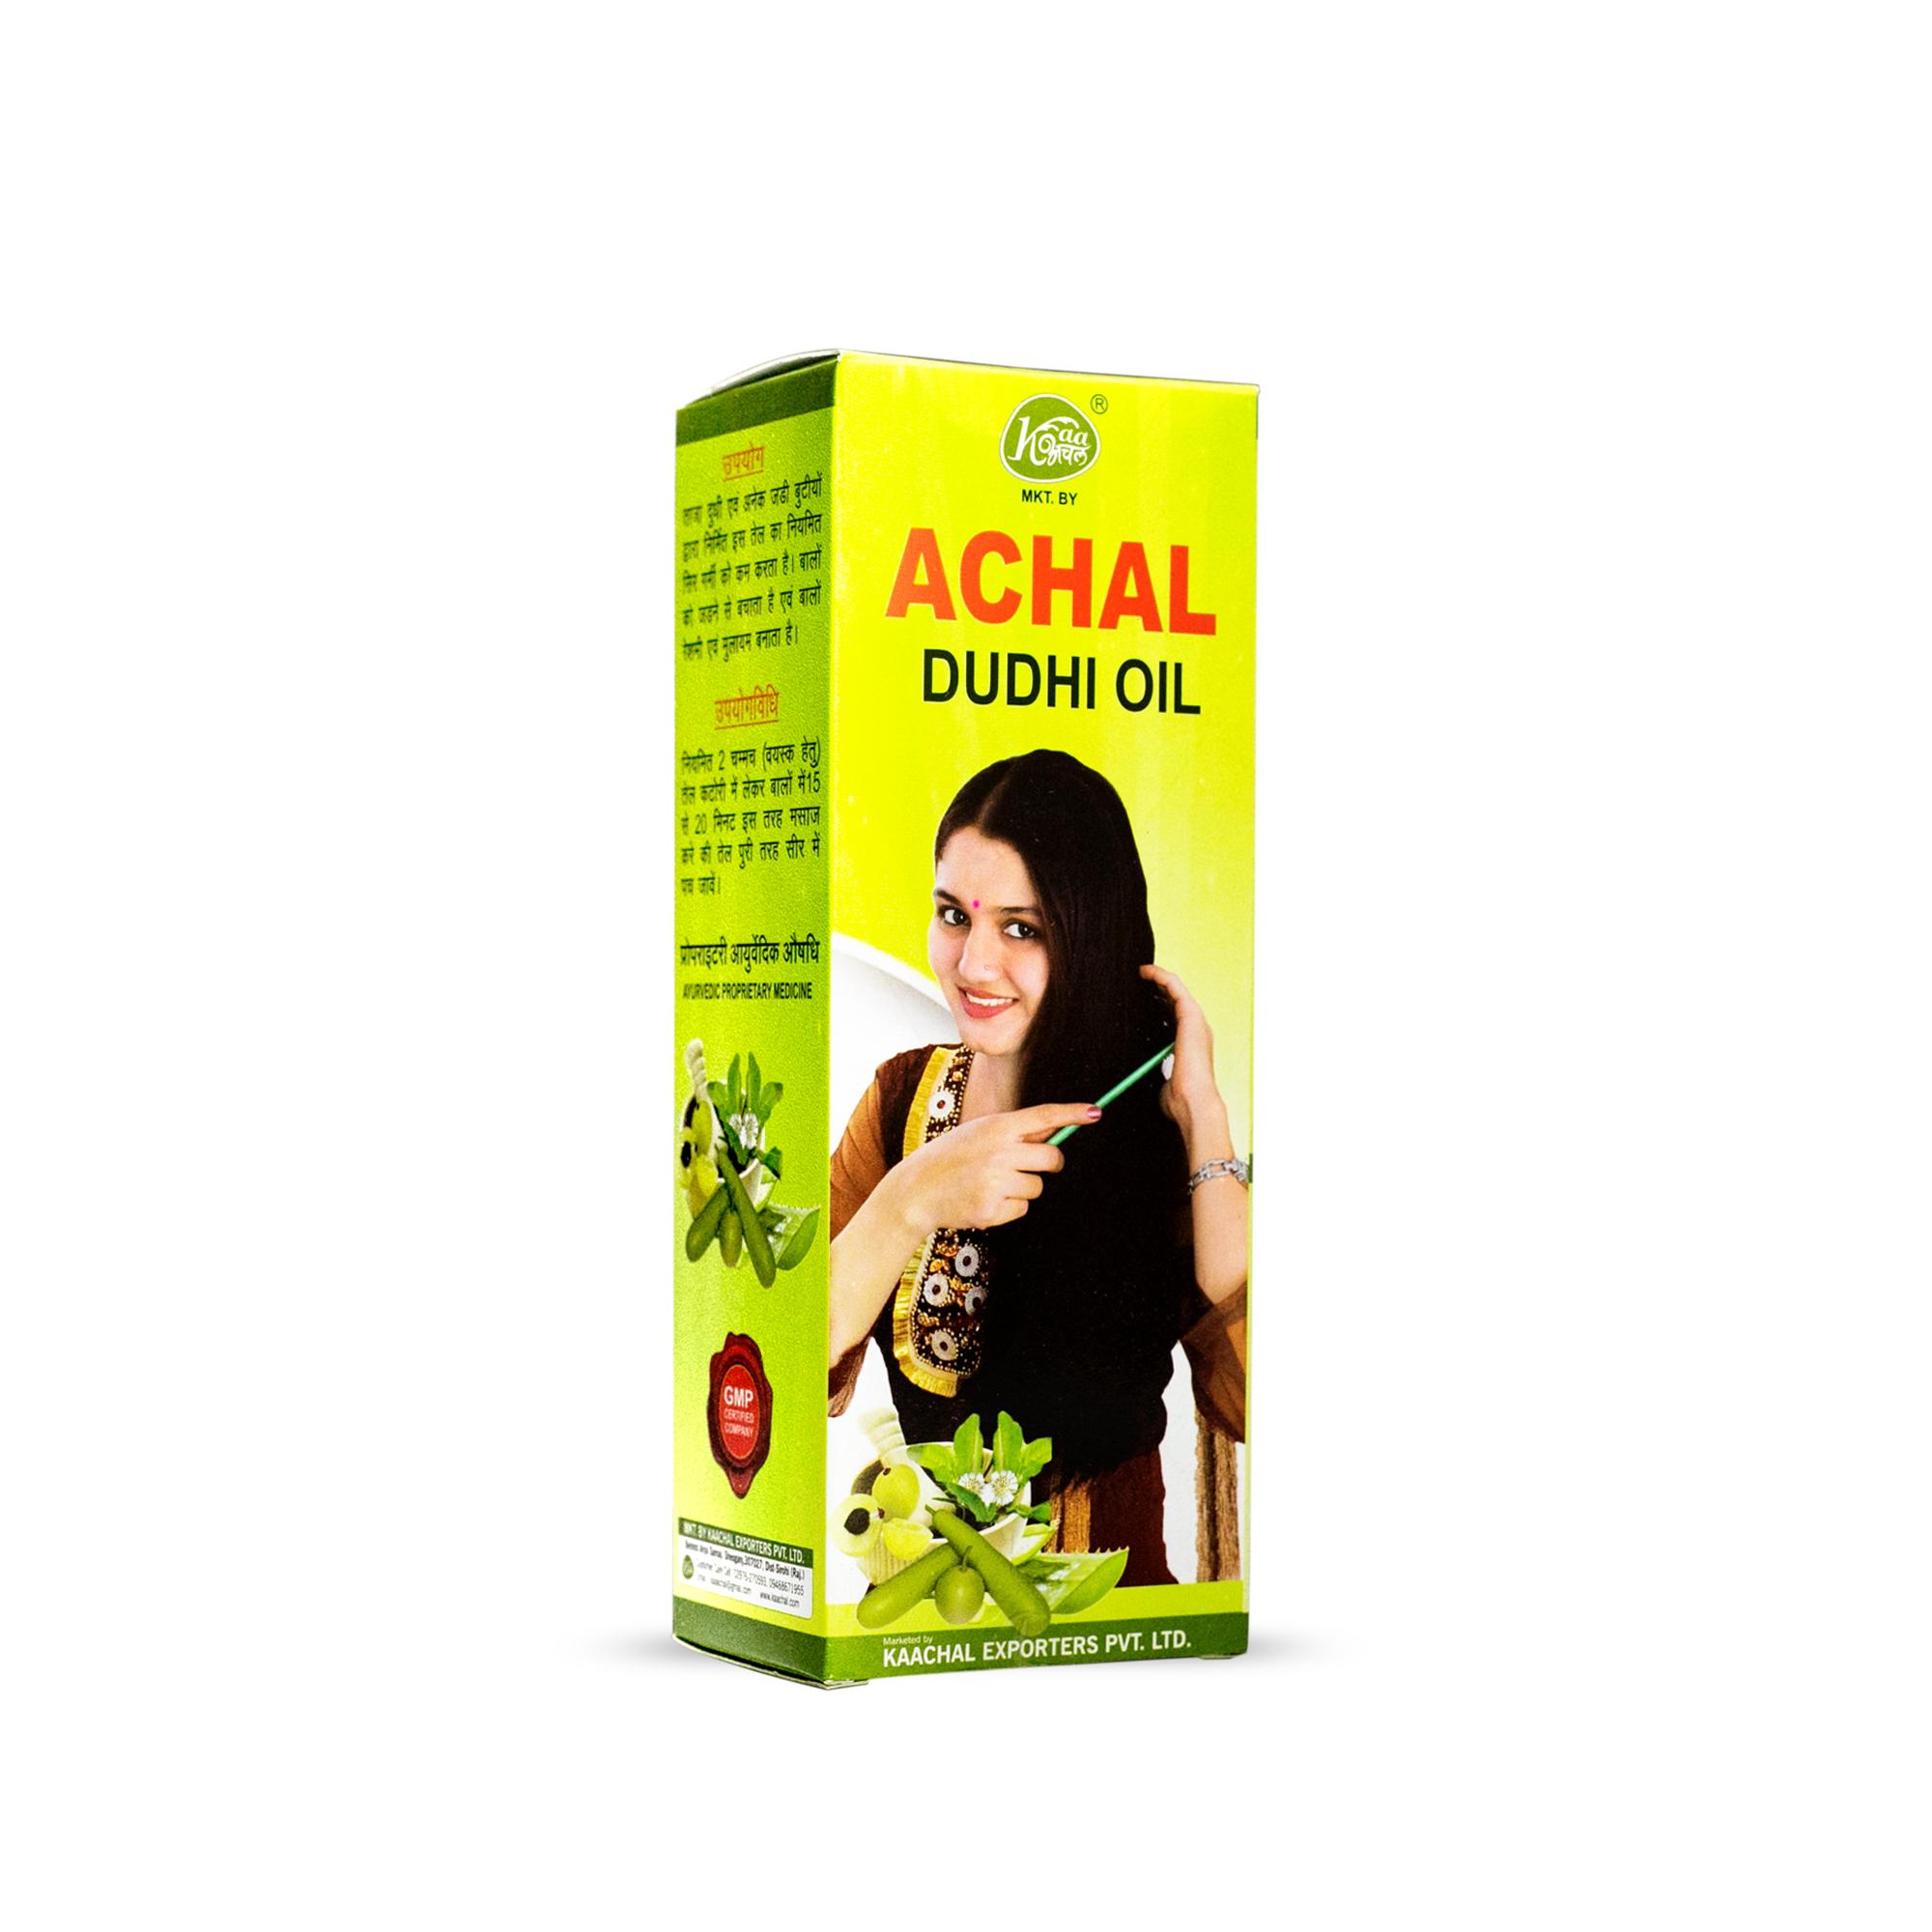 ACHAL DUDHI OIL